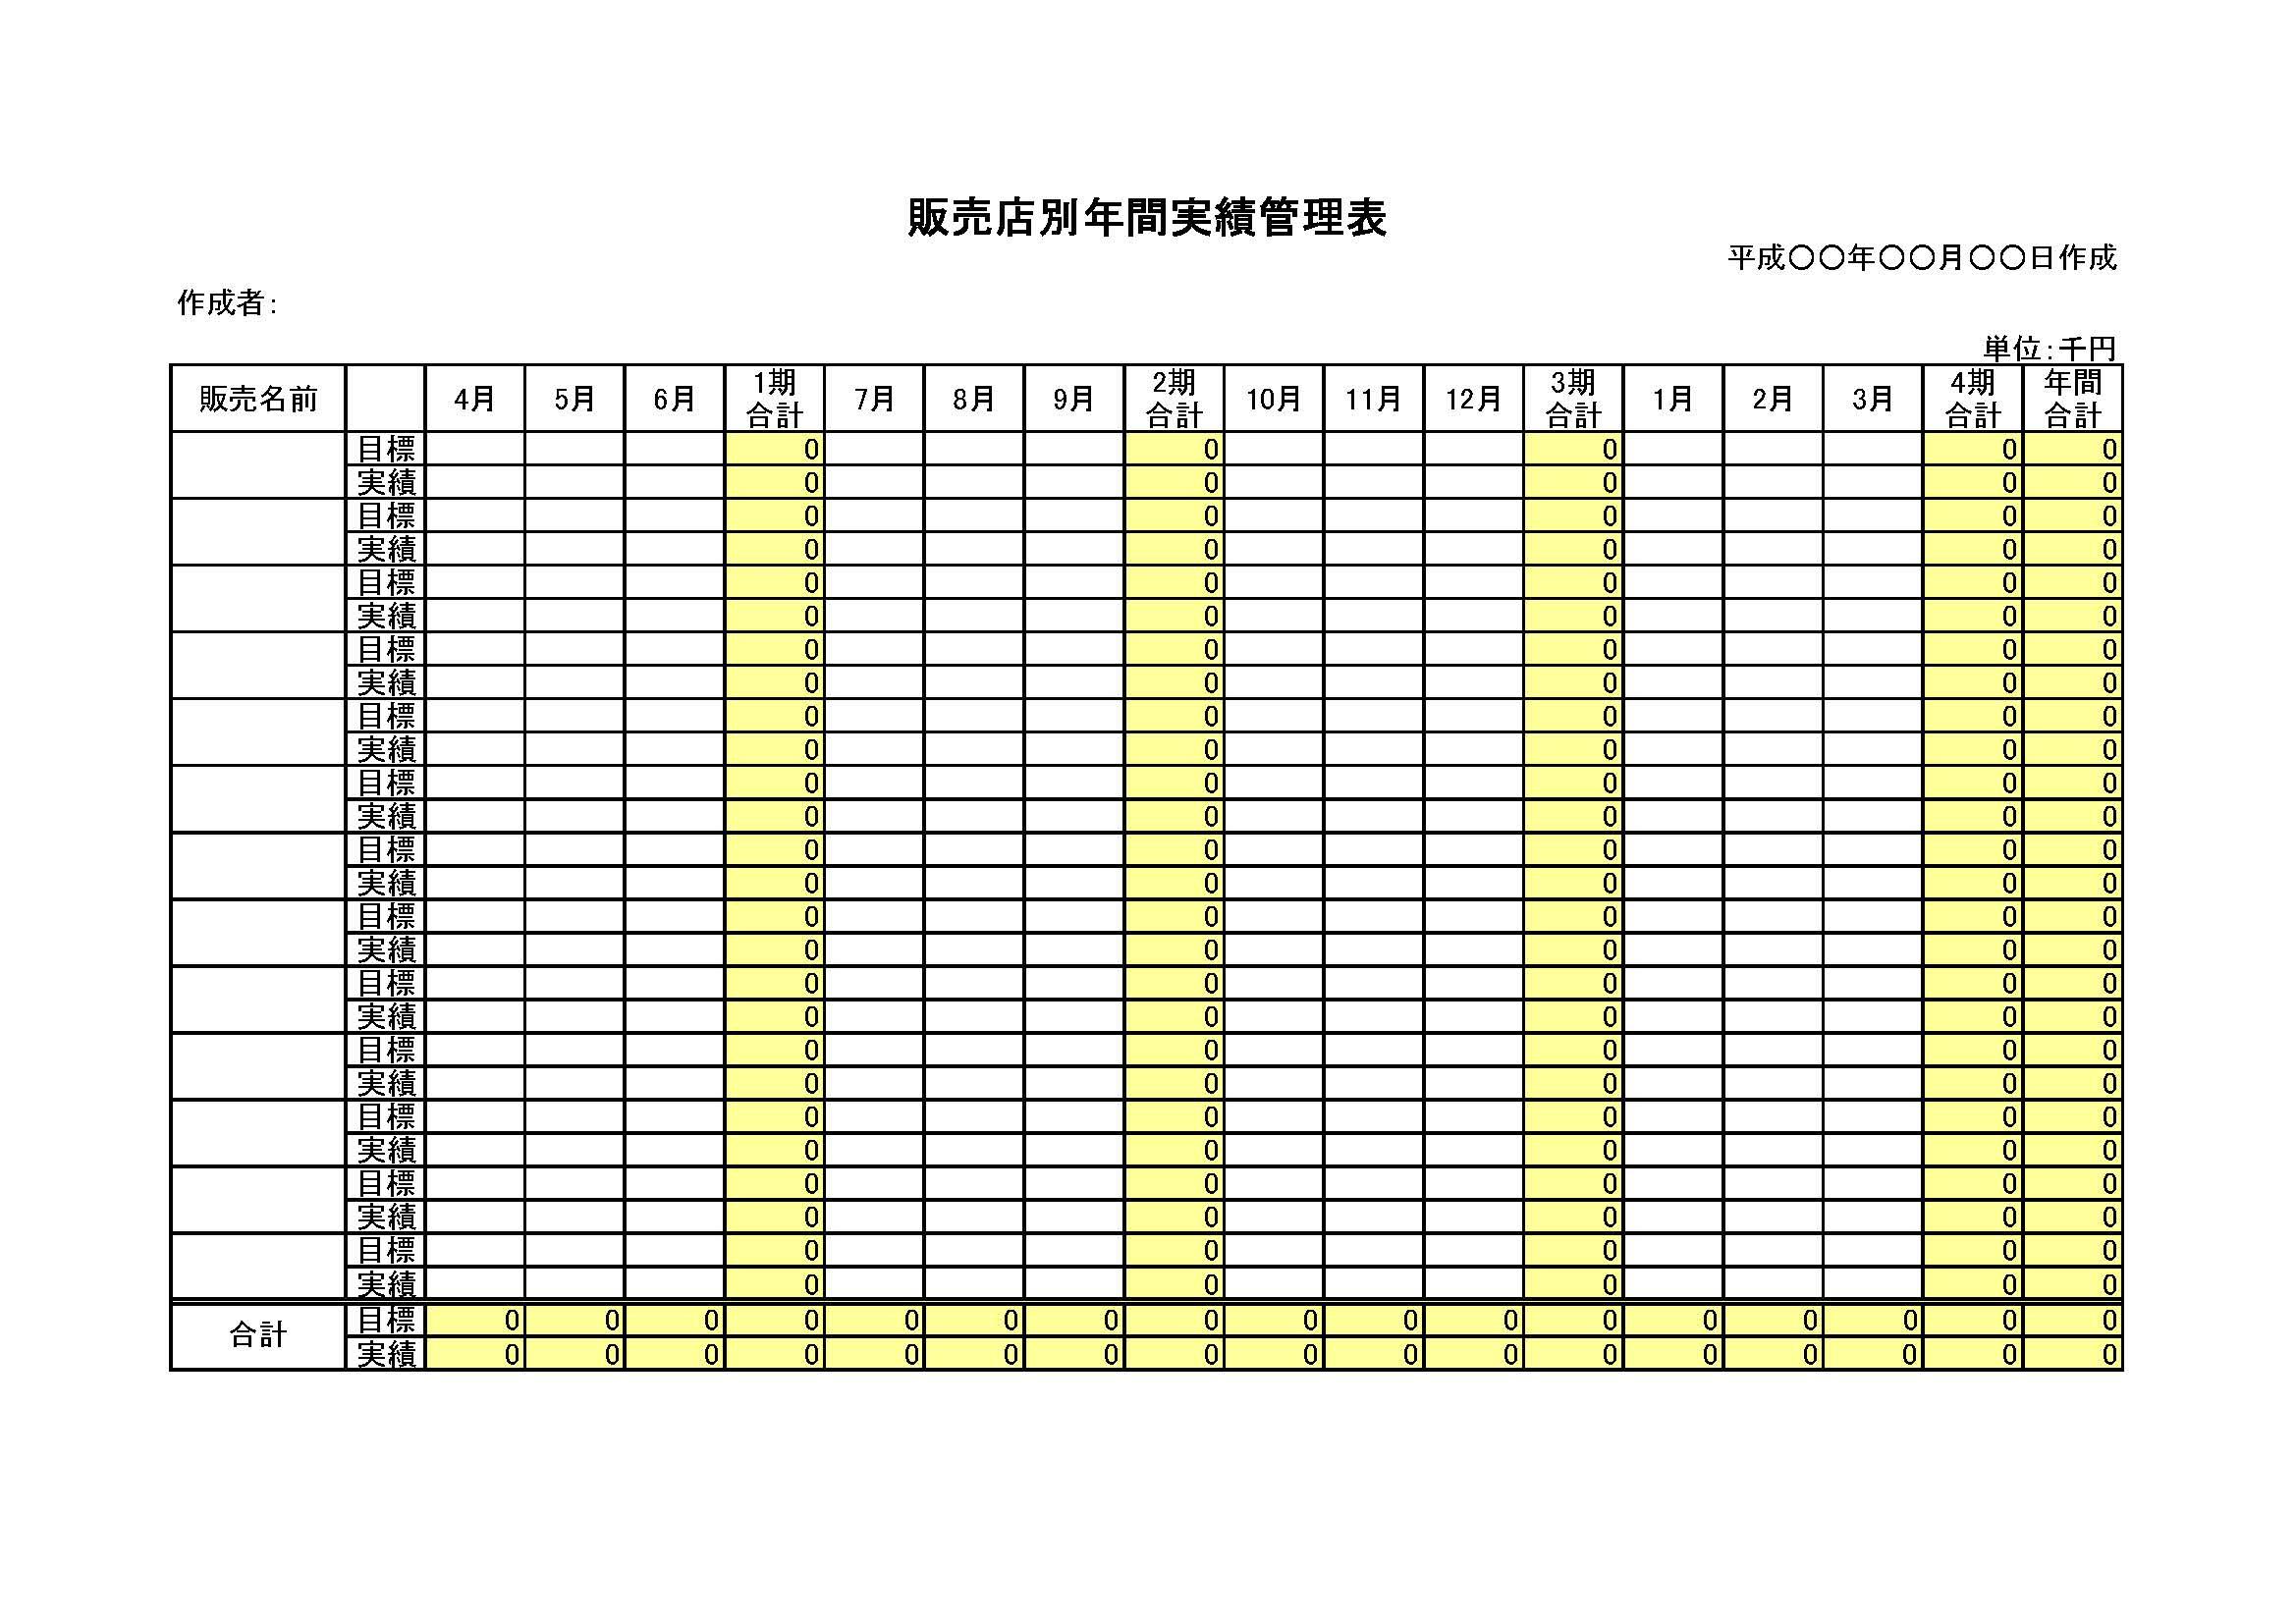 販売店別年間実績管理表